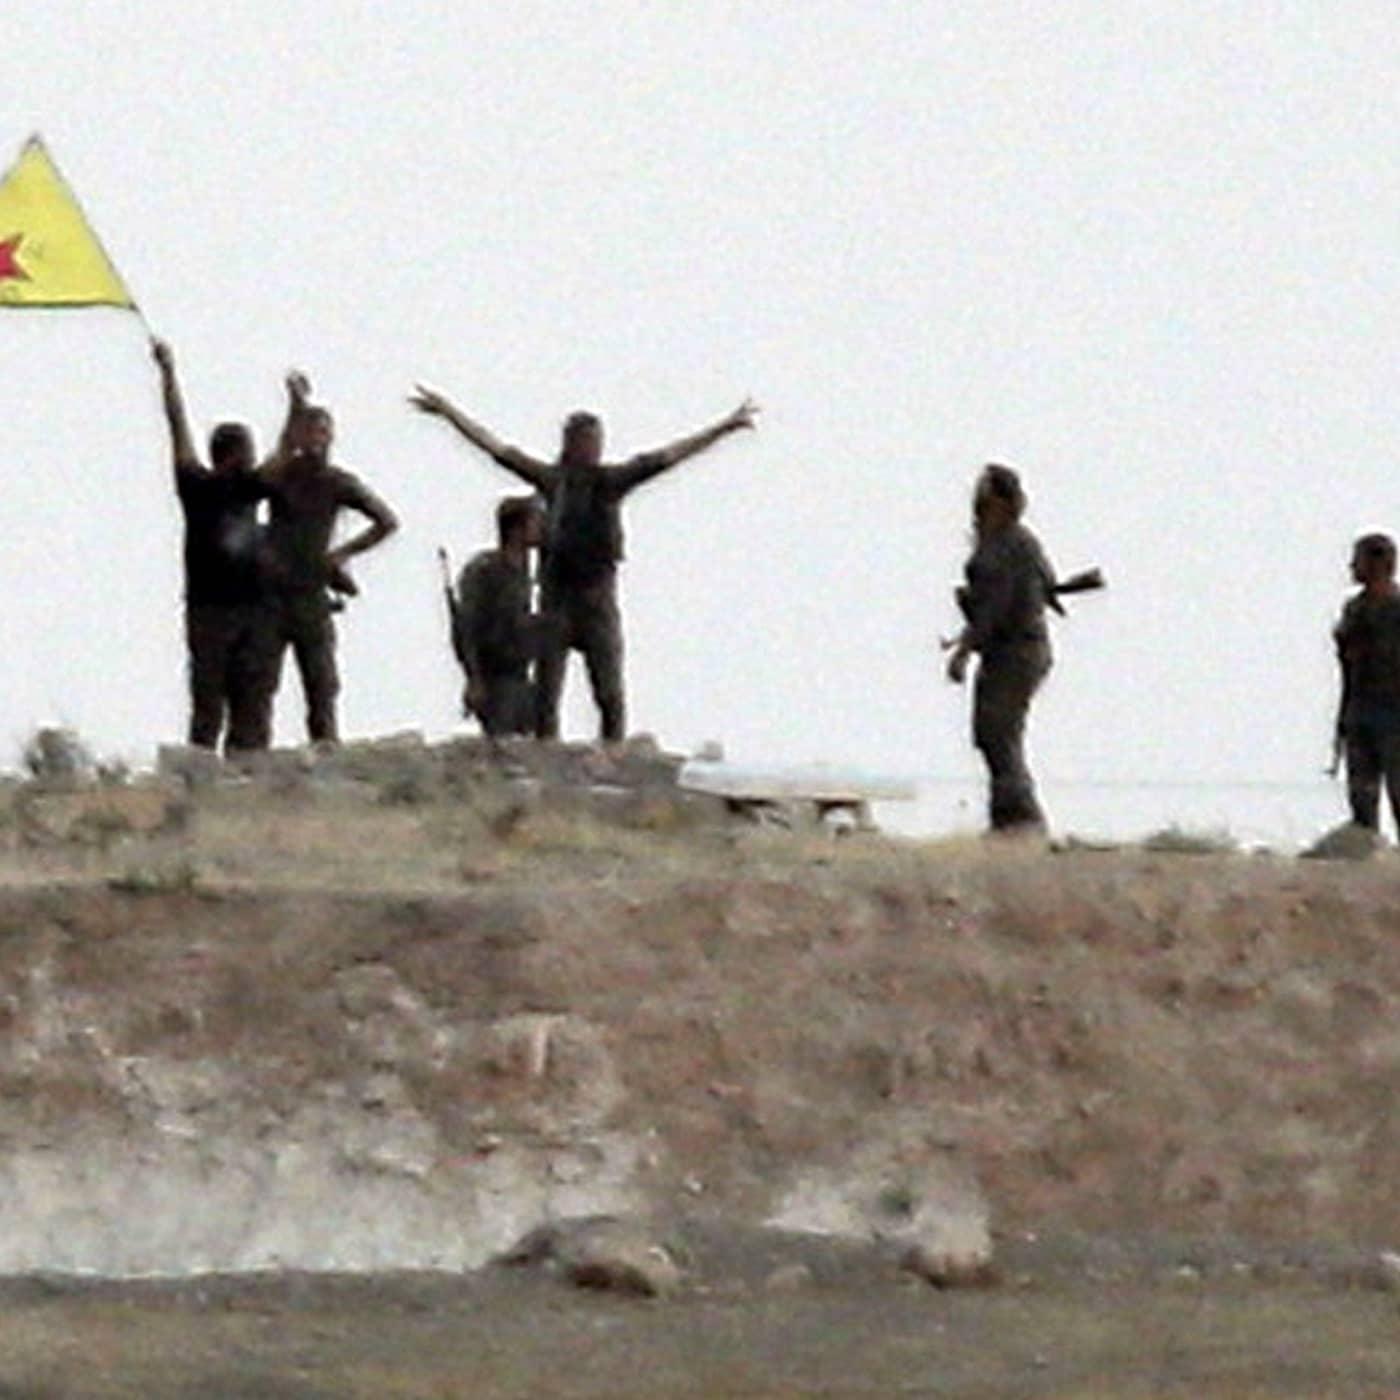 Hyllas i kampen mot IS men nekas medborgarskap